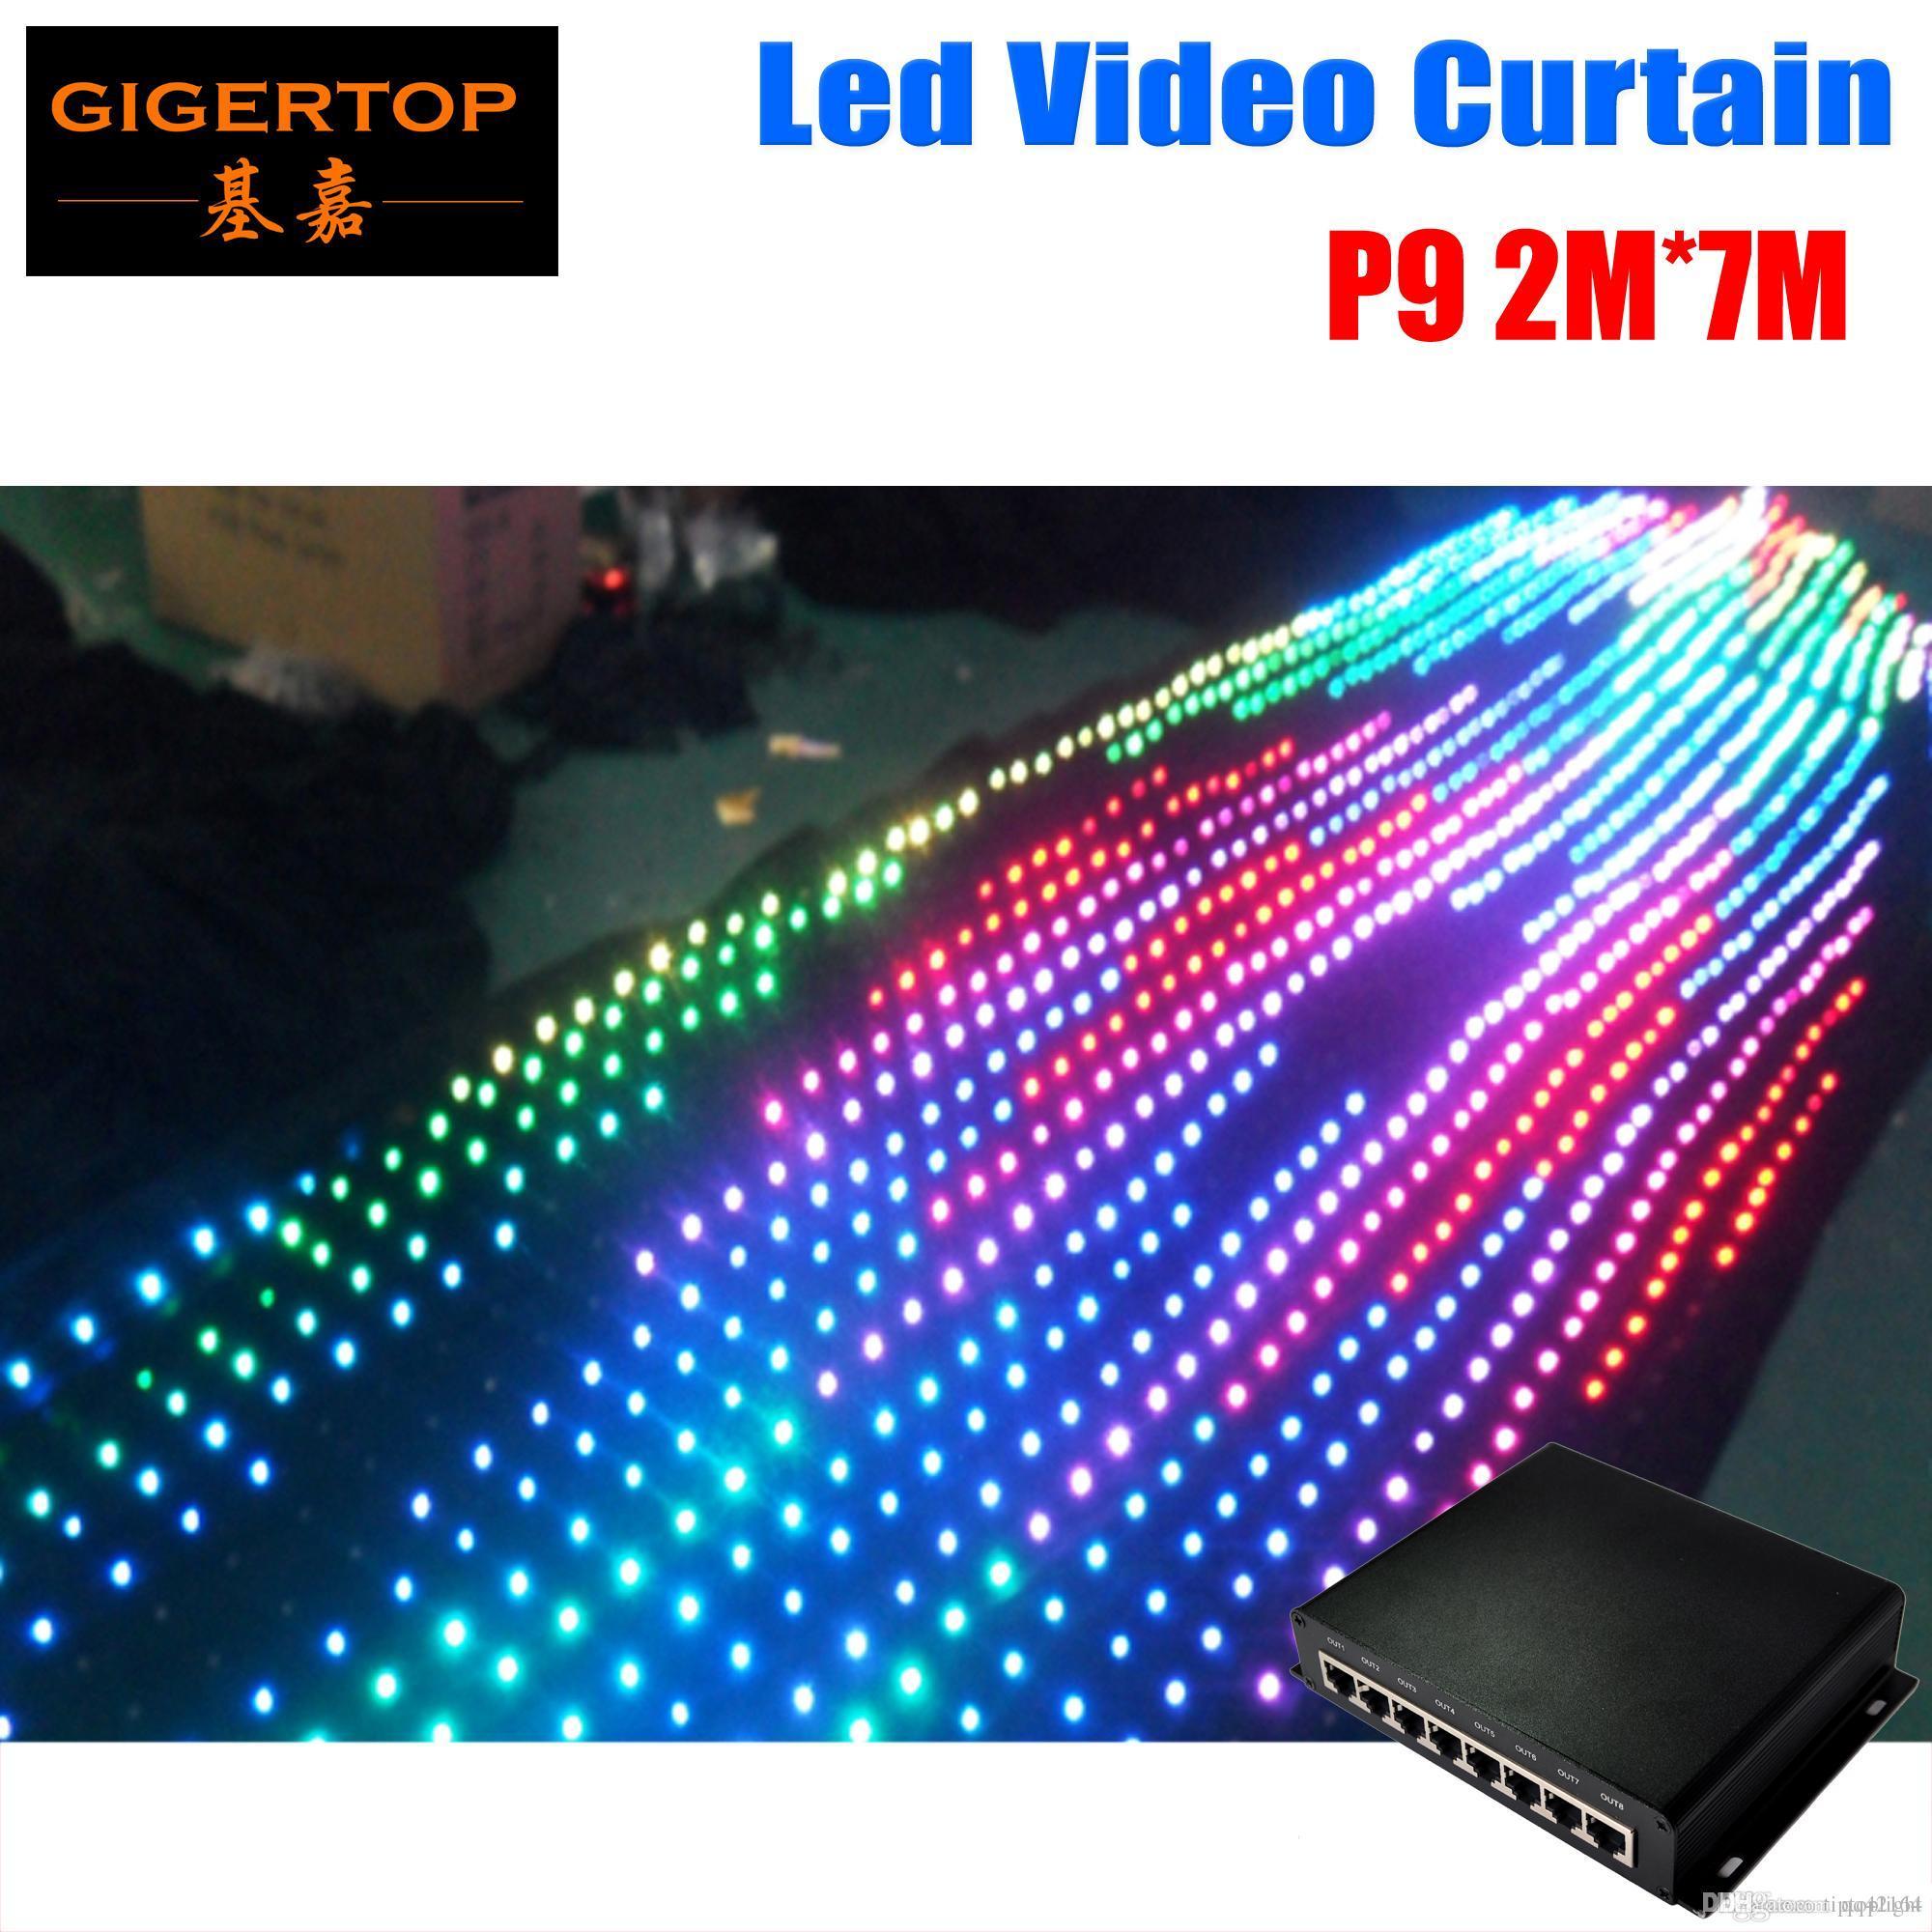 80 종류의 패턴 웨딩 무대 배경으로 P9 2M * 7M PC 모드 LED 비디오 커튼 DJ 무대 배경 색 LED 커튼